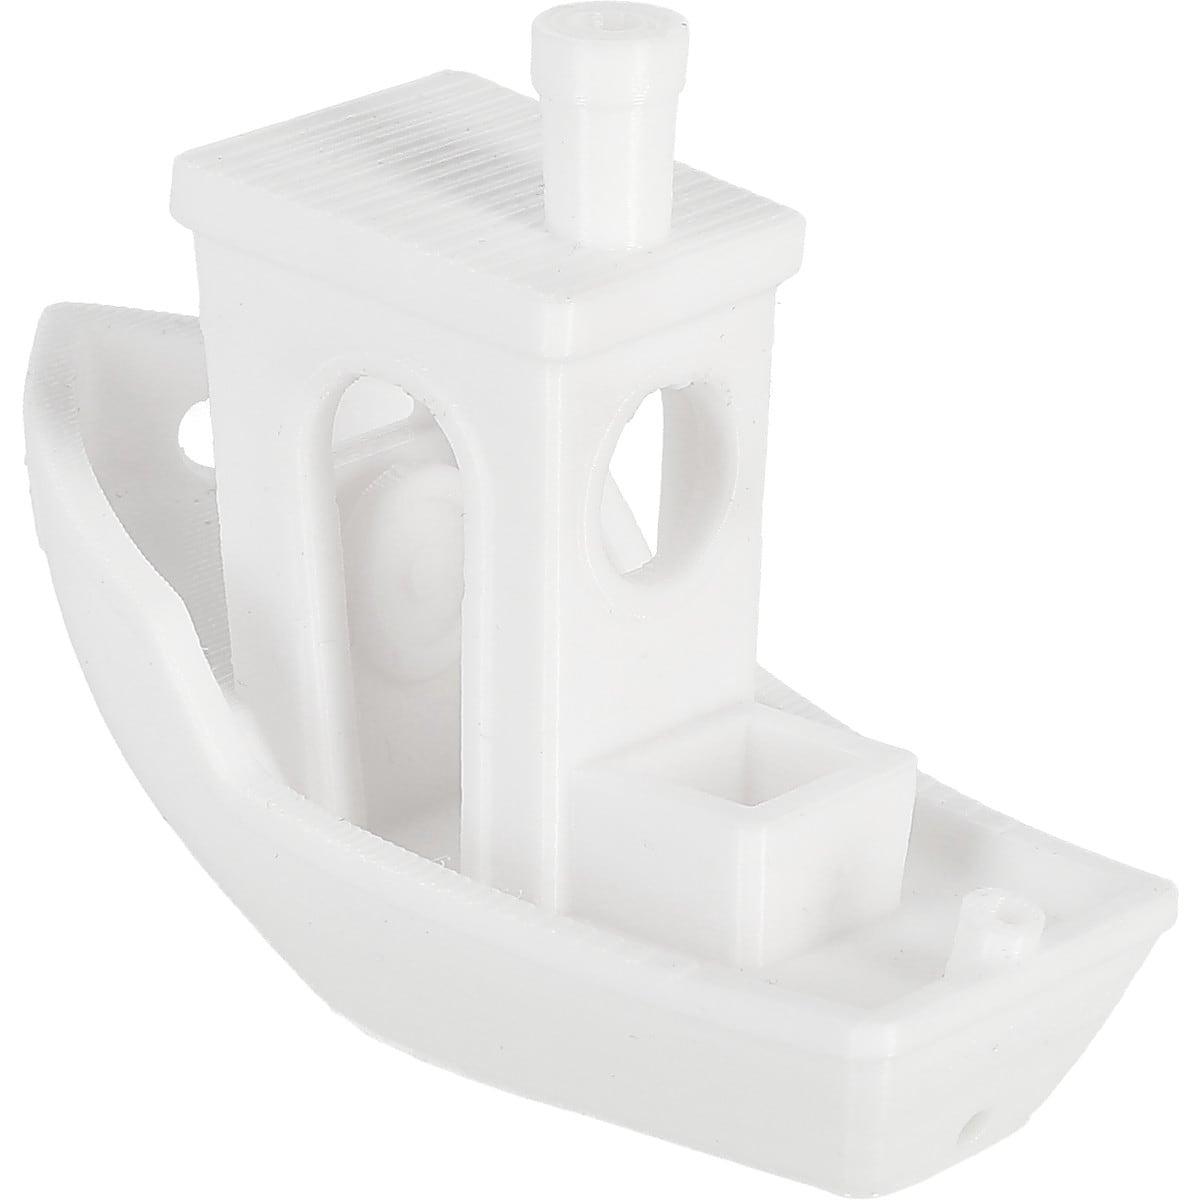 Filament PETG till 3D-skrivare, Clas Ohlson